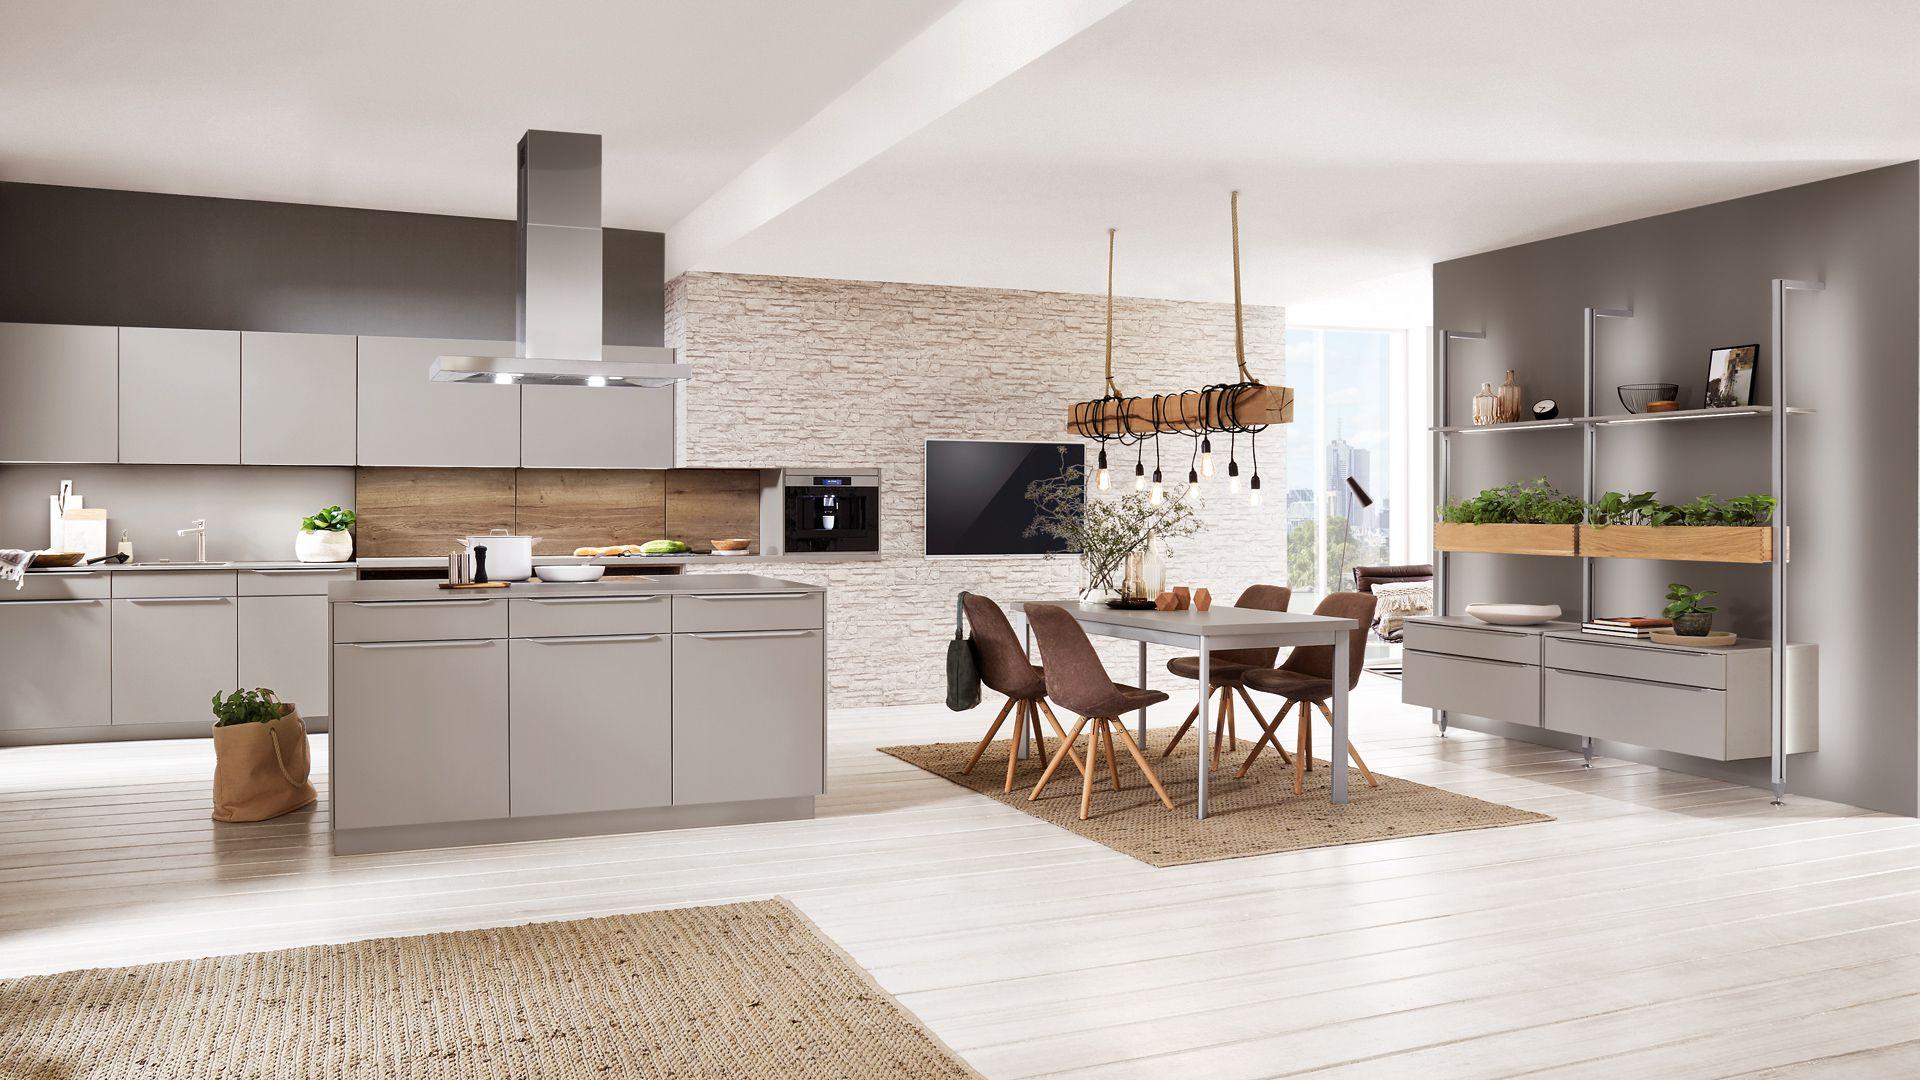 Full Size of Küchenmöbel Kchenmbel Berall Schenk Kchen Und Mbel Wohnzimmer Küchenmöbel